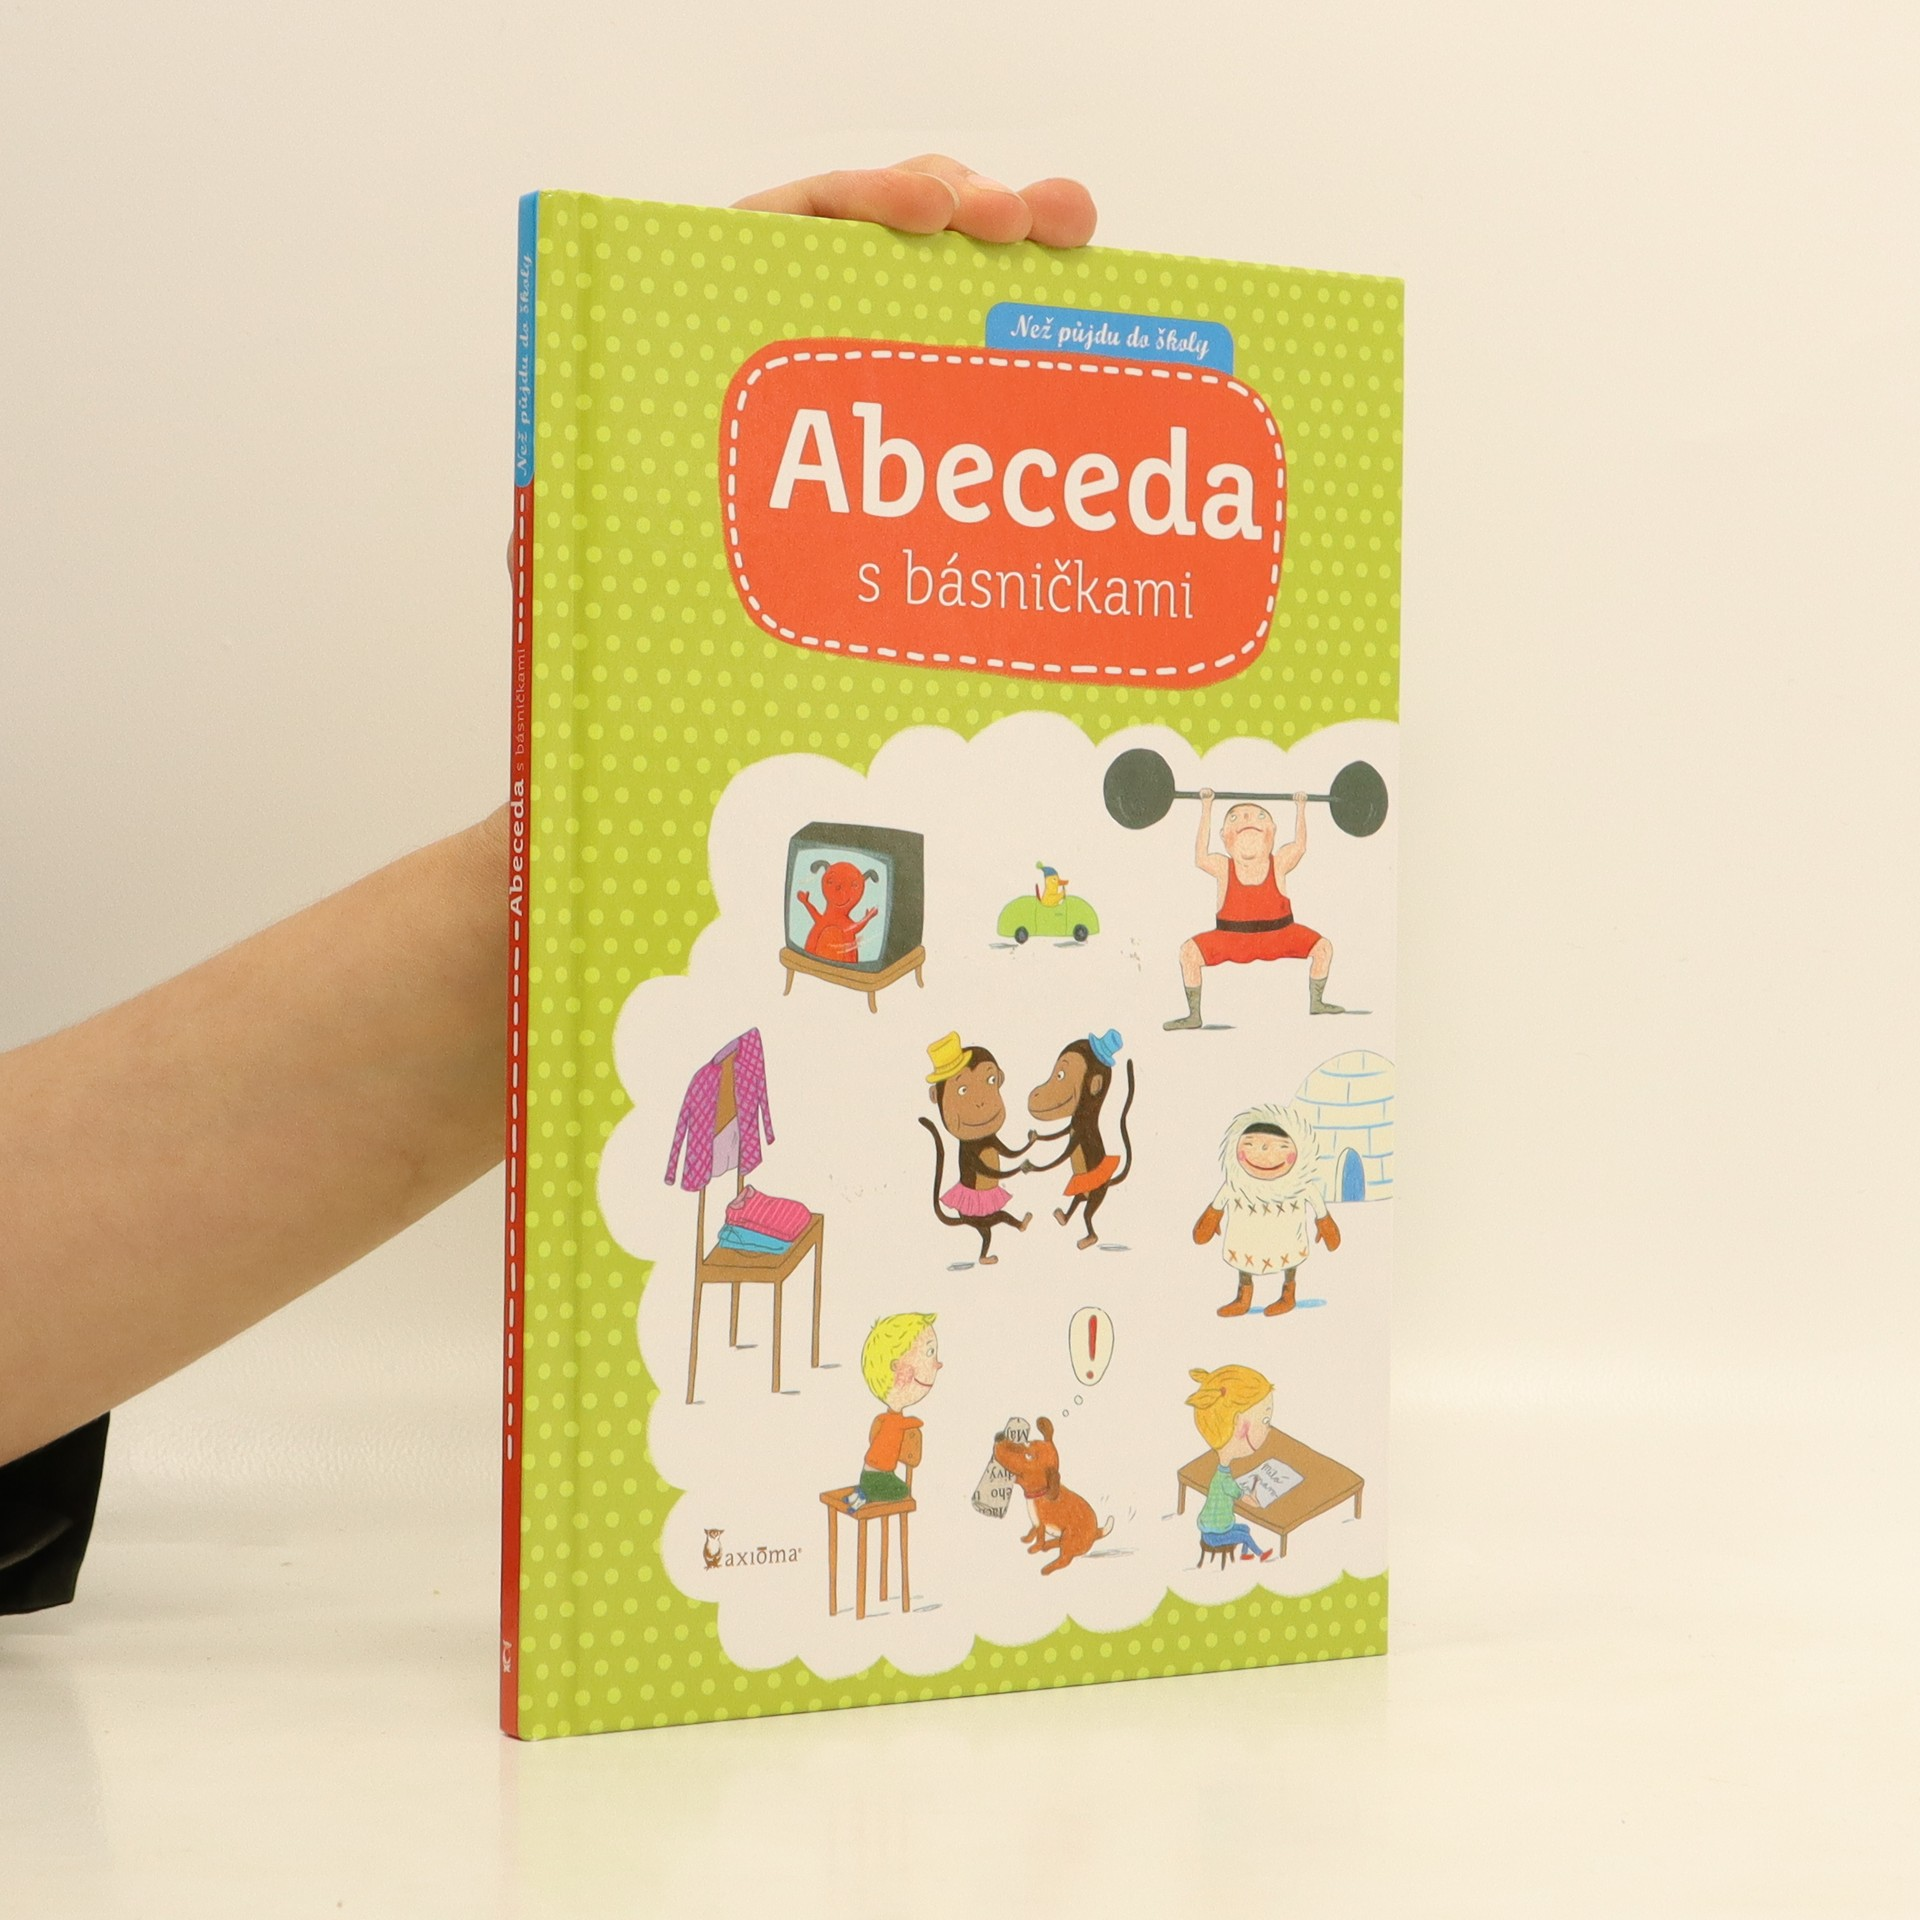 antikvární kniha Abeceda s básničkami, 2013